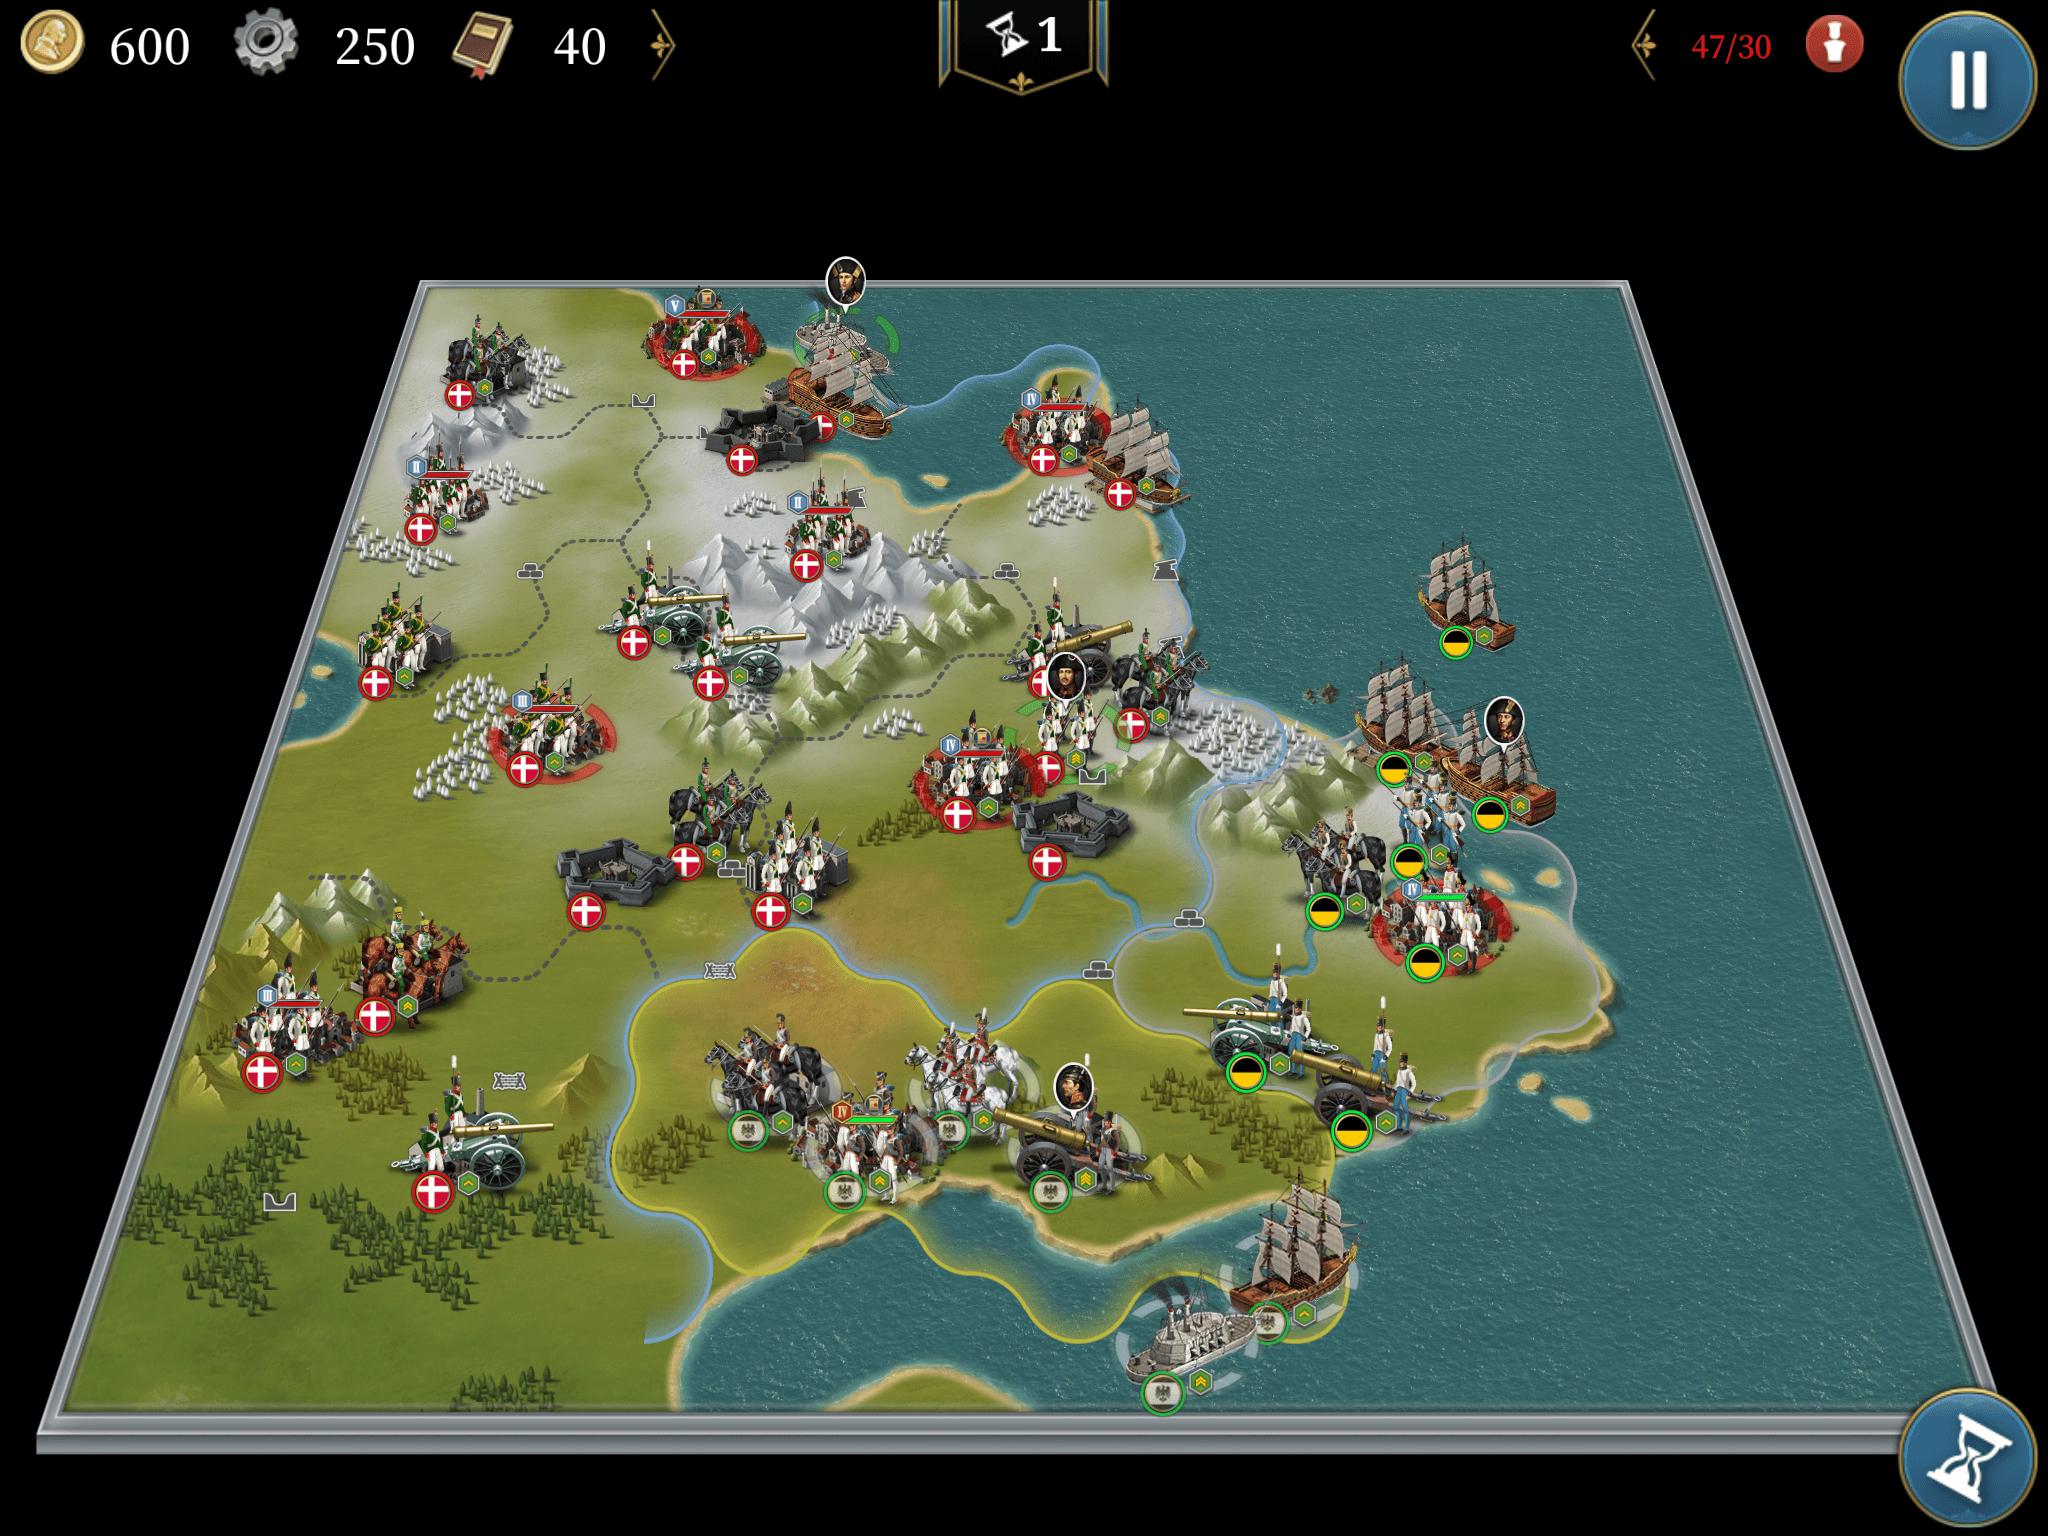 デンマーク戦争